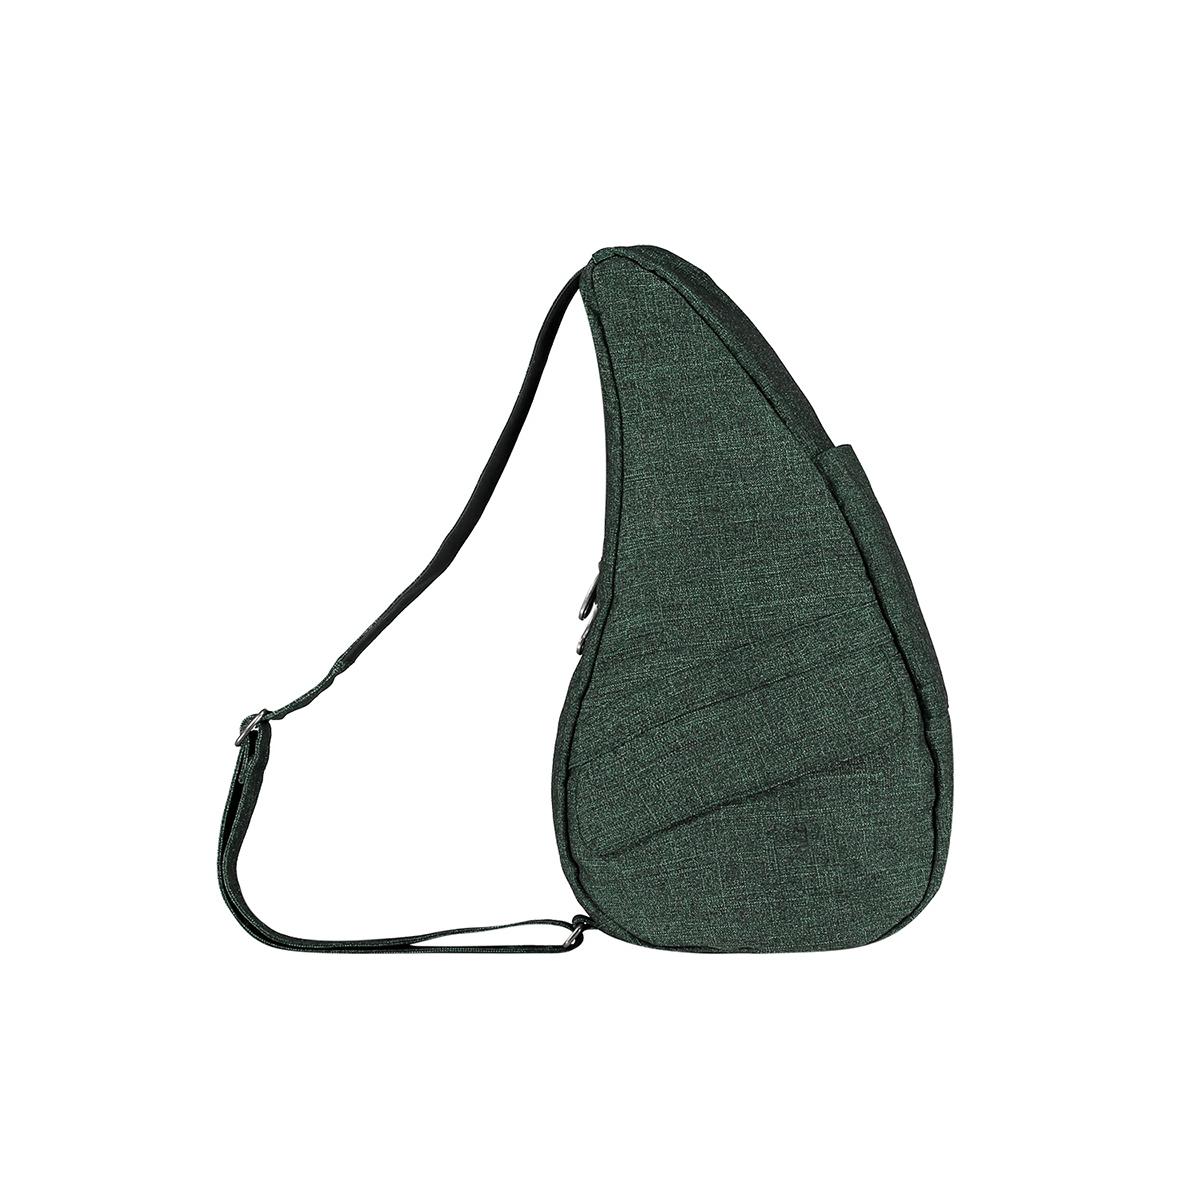 Healthy Back Bag/ヘルシーバックバッグ/ショルダーバッグ/ボディバッグ/旅行バッグ/軽量/レディース/メンズ 公式ストア ヘルシーバックバッグ メタリックツイル Sサイズ ティール